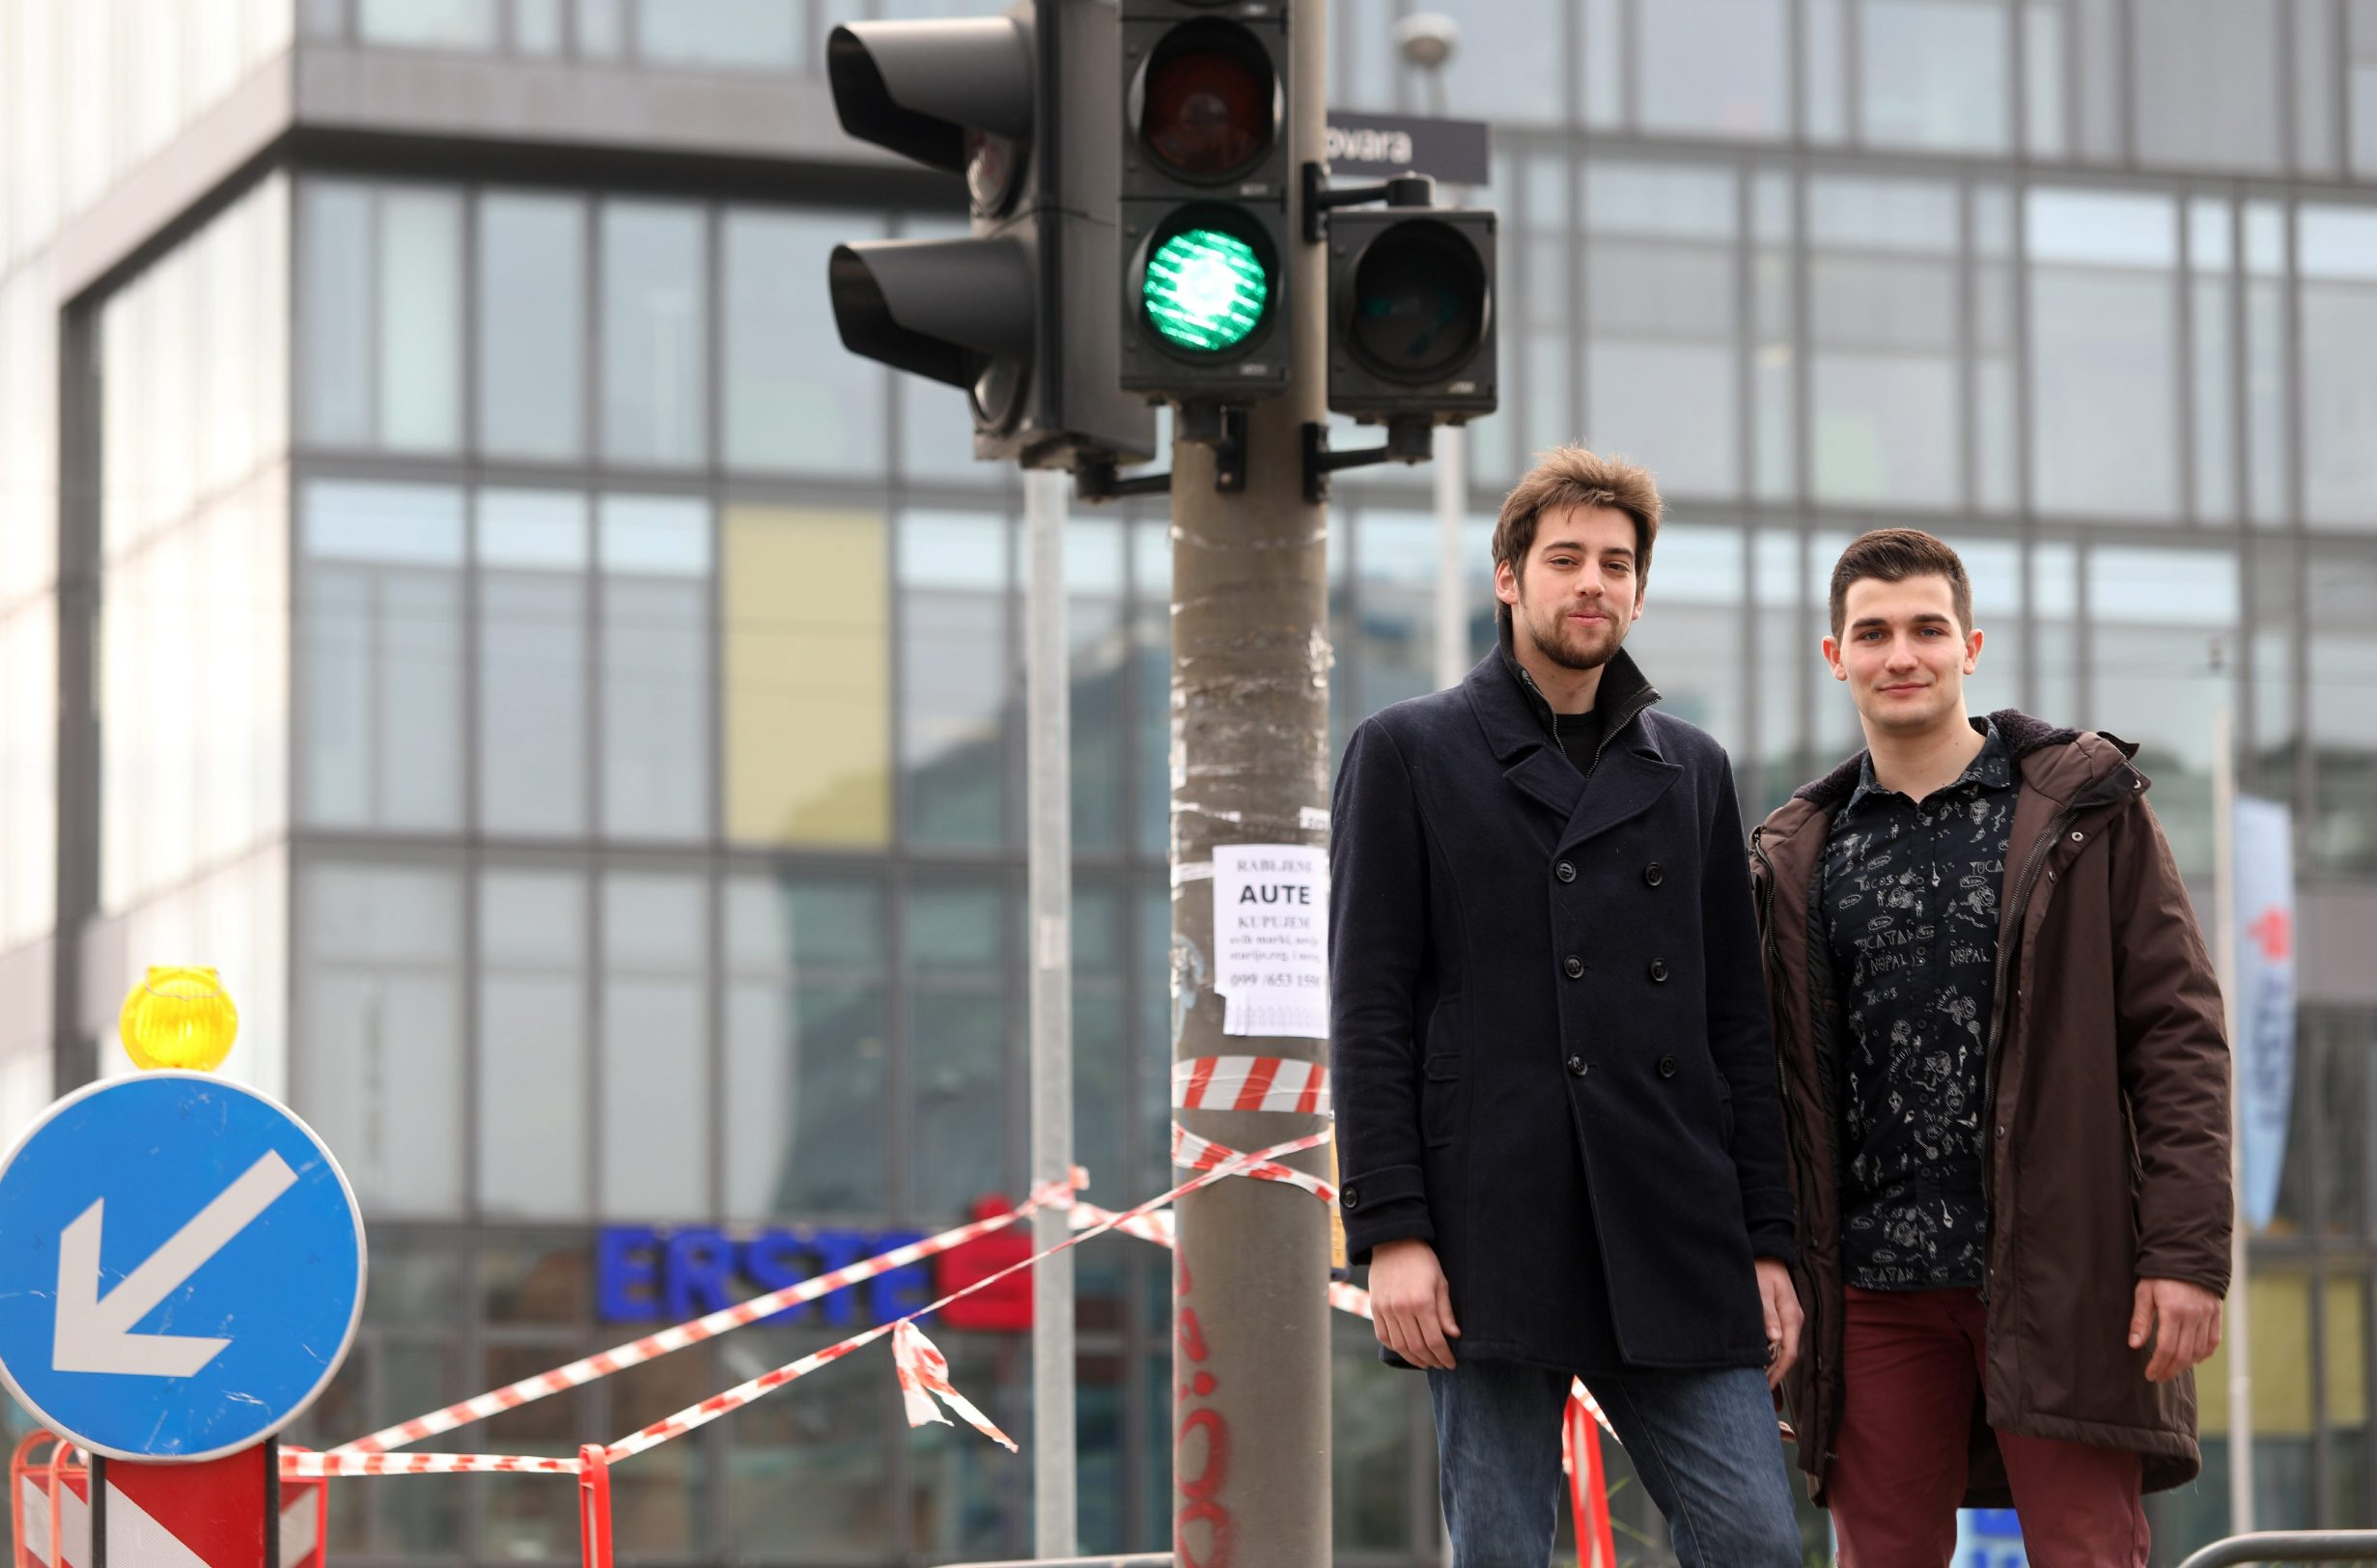 Zagreb, 090320. Fer, Unska. Digi Award, dvojac iz tima koji je napravio aplikaciju za pametne semafore Smart Traffic. Na fotografiji: Anton Kontic i Luka Koscak. Foto: Ranko Suvar / CROPIX